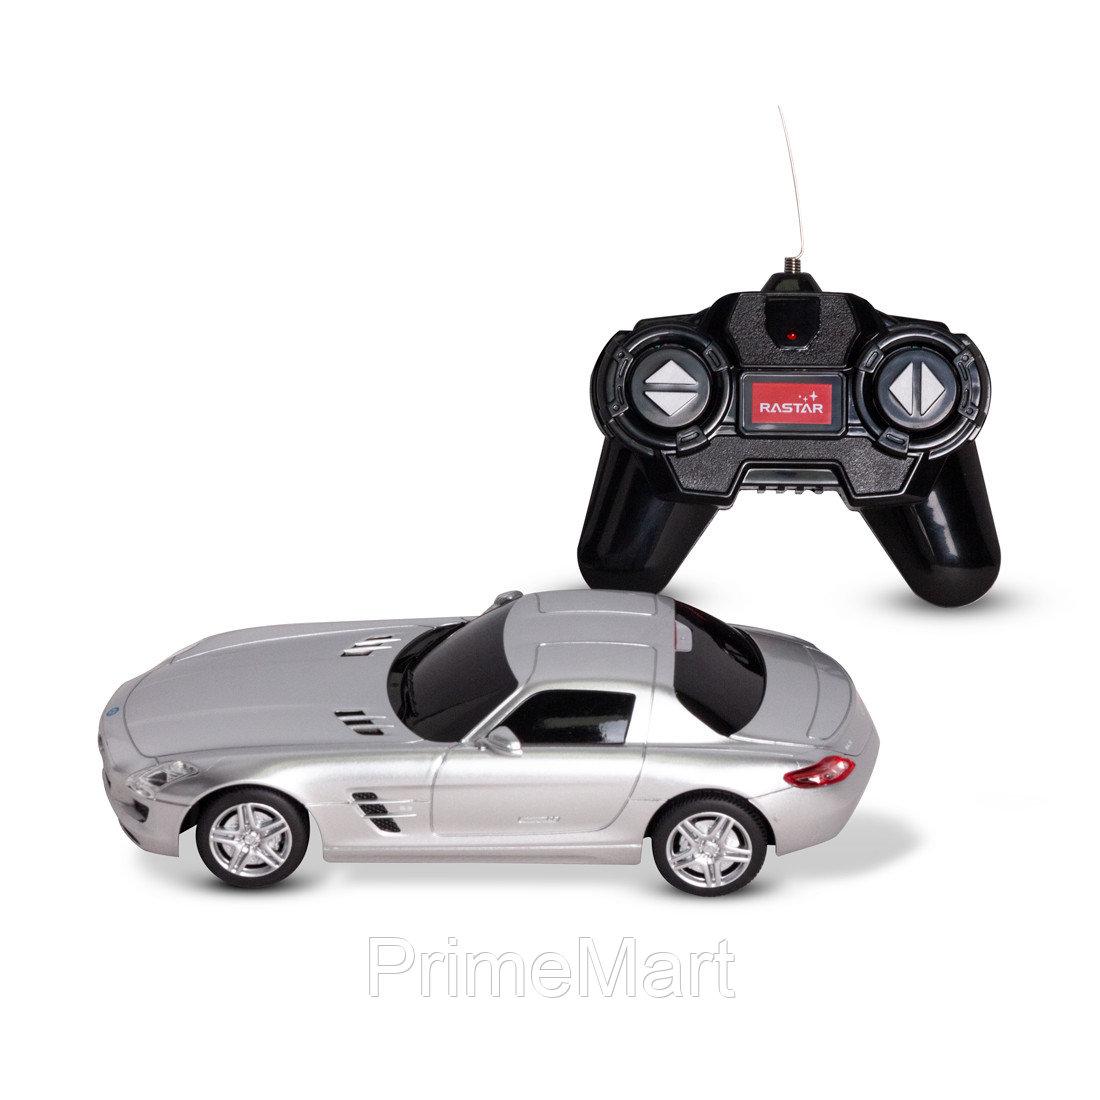 Радиоуправляемая машина, RASTAR, 40100S, 1:24, Mercedes-Benz SLS AMG, Пластик, 40 MHz, Серебристая